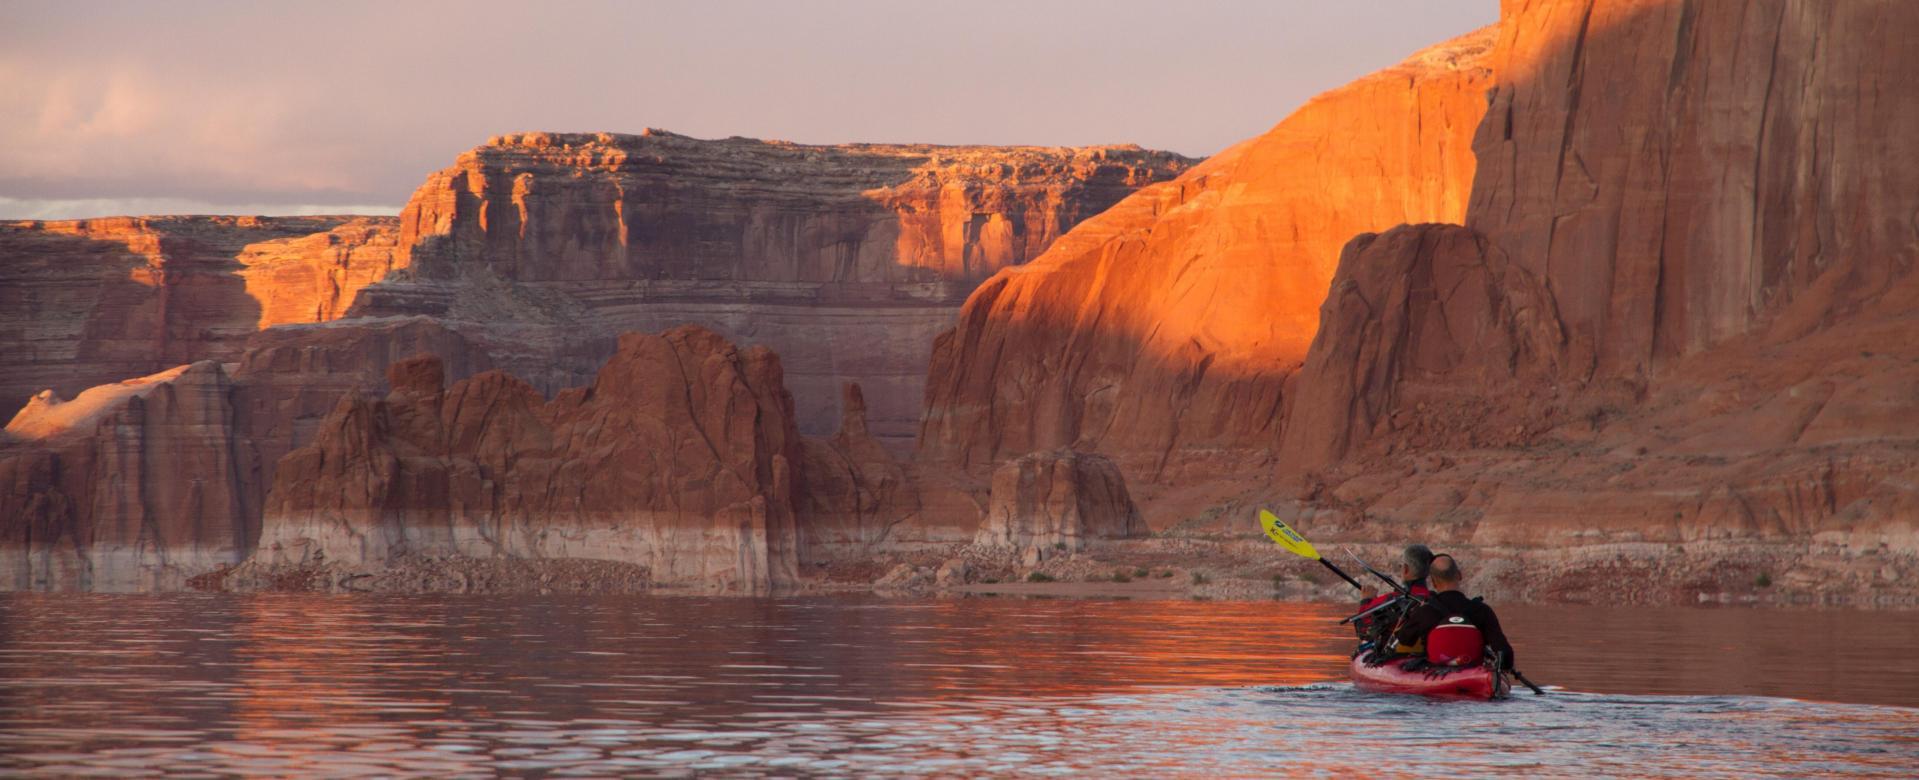 Voyage en kayak : Rando-kayak sur le lac powell